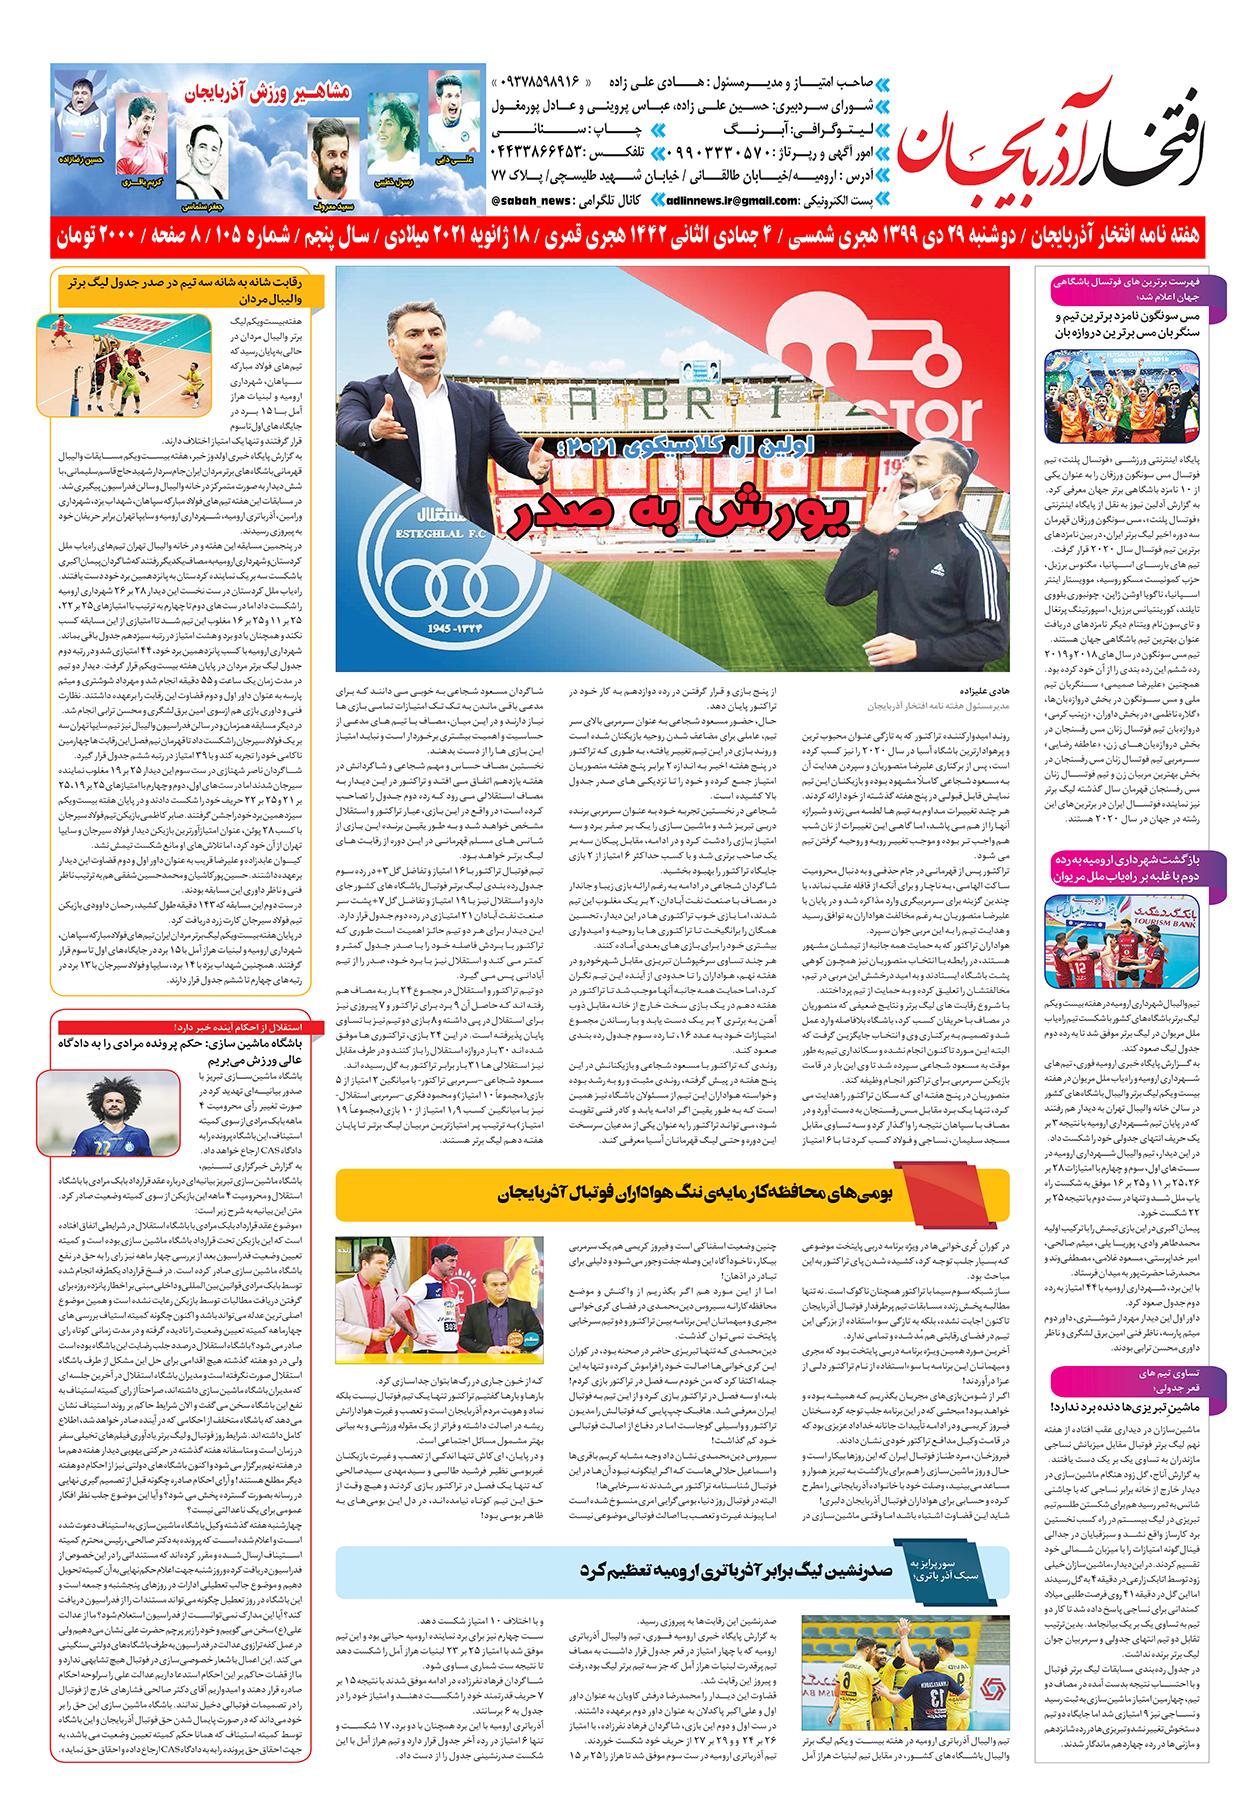 صفحه آخر هفته نامه افتخار آذربایجان شماره 105